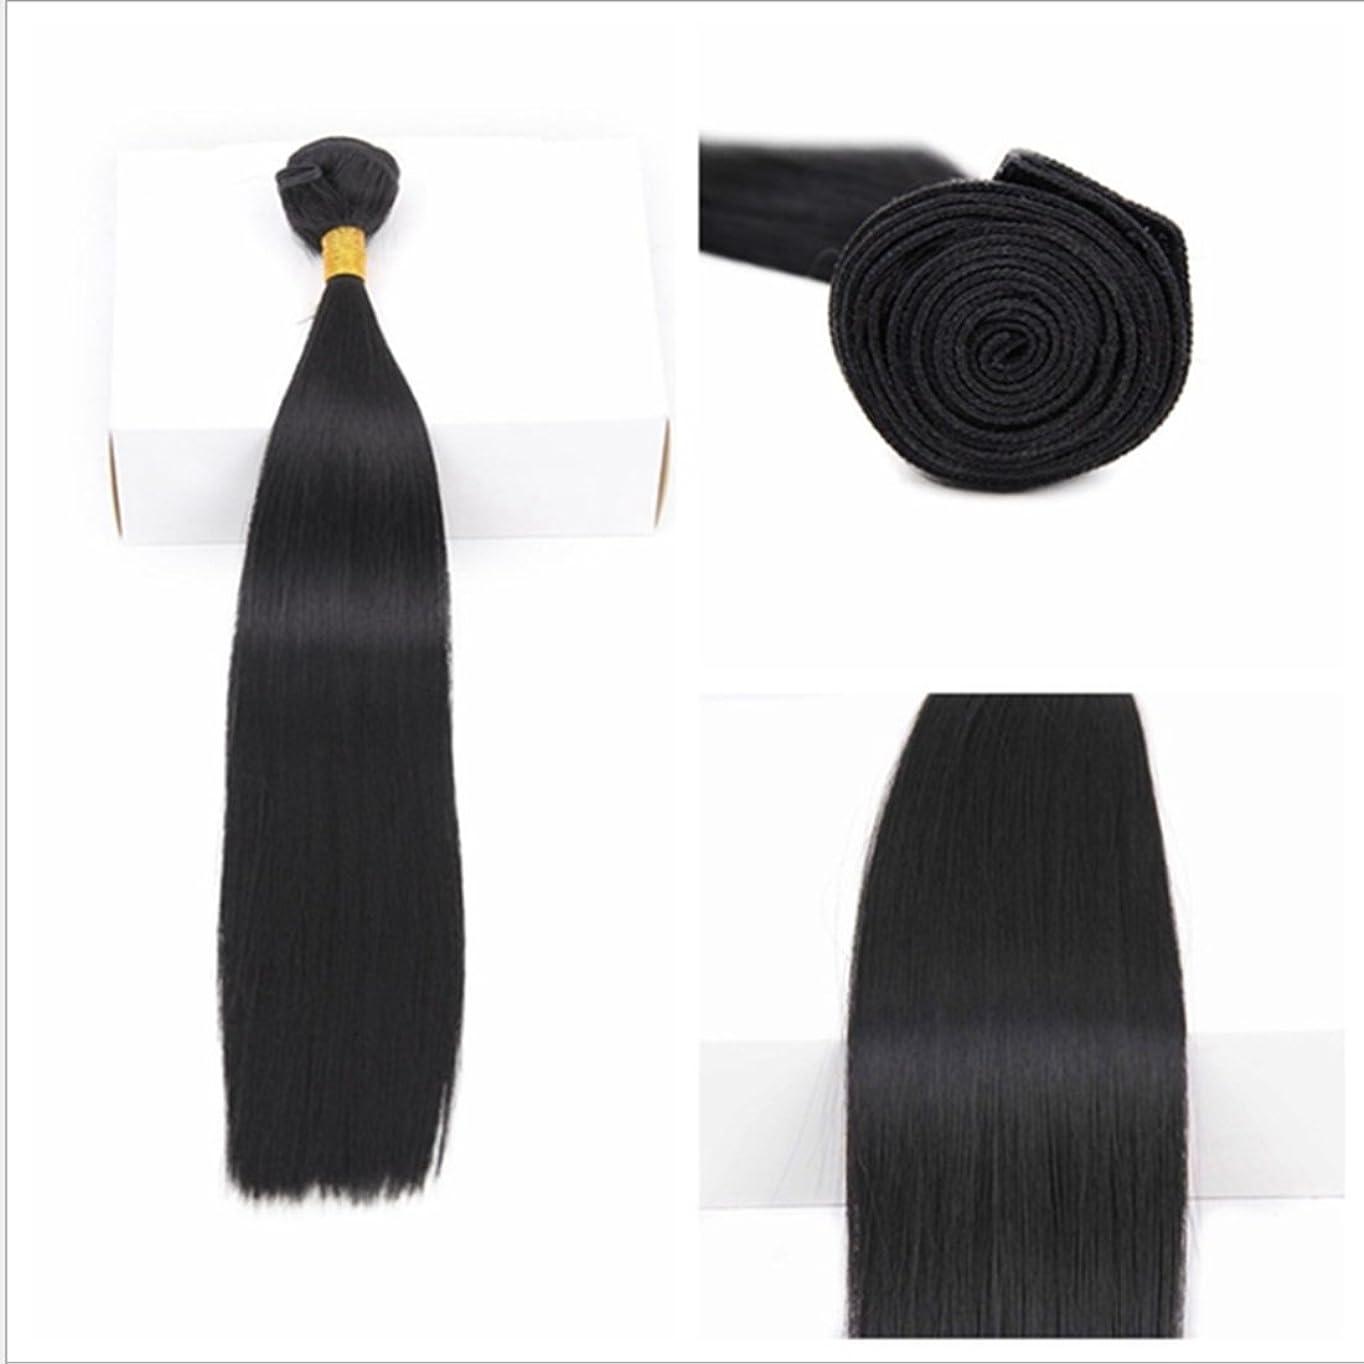 応じるイタリアの明らかJIANFU ブラジル 女性 耐熱 長い ストレート ウィッグ ヘア カーテン 非染色(70g / 100g) 18 インチ 至る 10インチ ブラックヘア (サイズ : 16inch(70g))